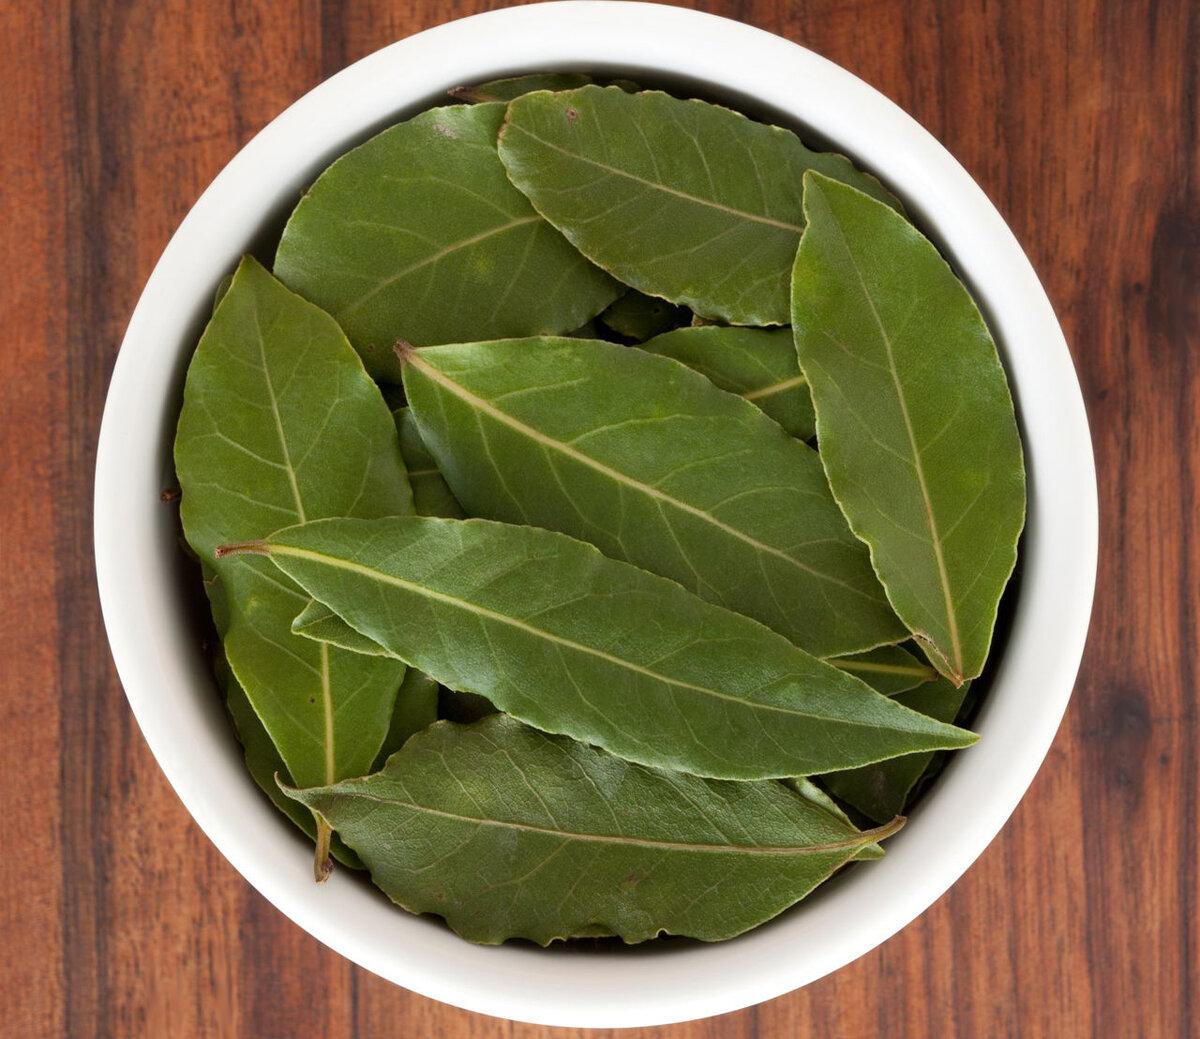 Лавровый лист: лечебные свойства и противопоказания для женщин (при задержке месячных, климаксе, цистите)